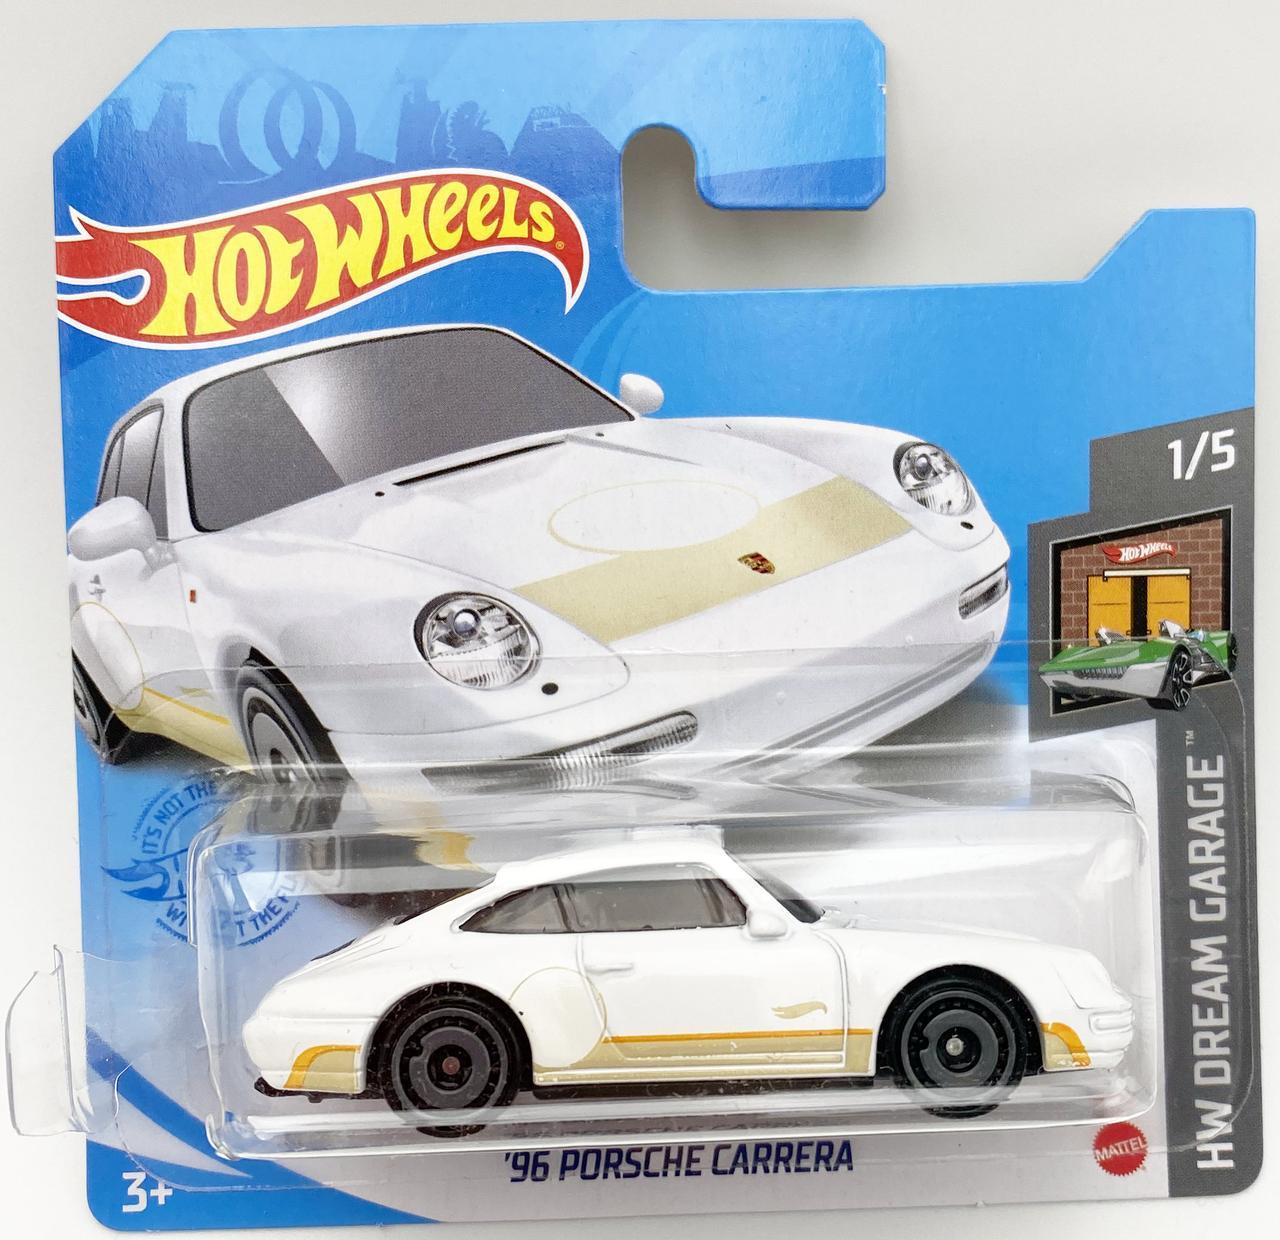 Базова машинка Хот Вілс Hot Wheels '96 Porsche Carrera car Уцінка